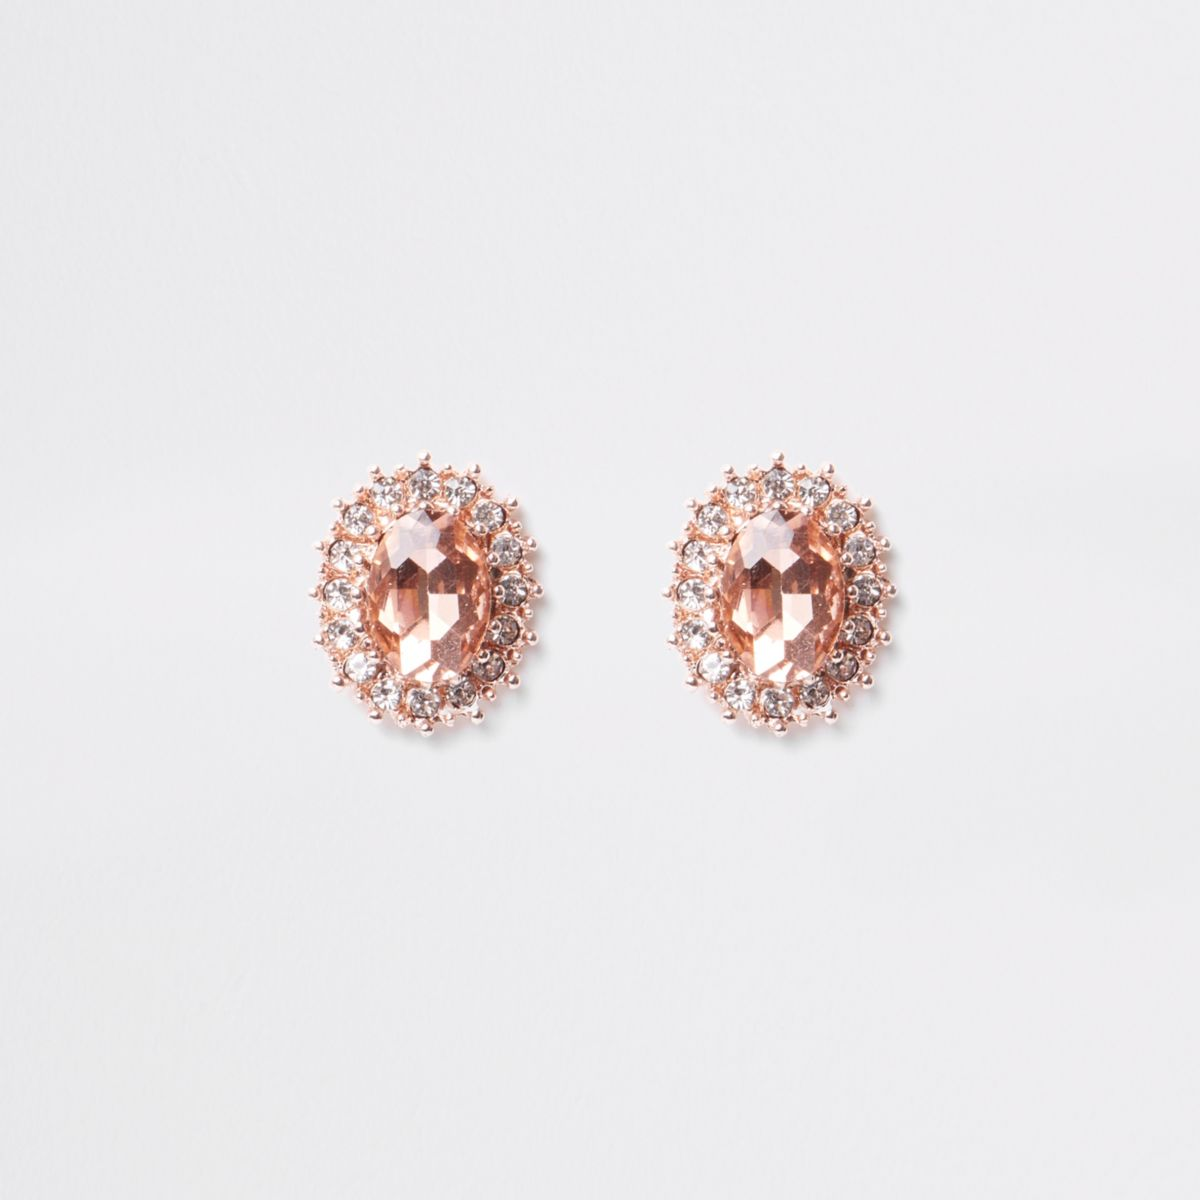 Orange stone diamante encrusted stud earrings